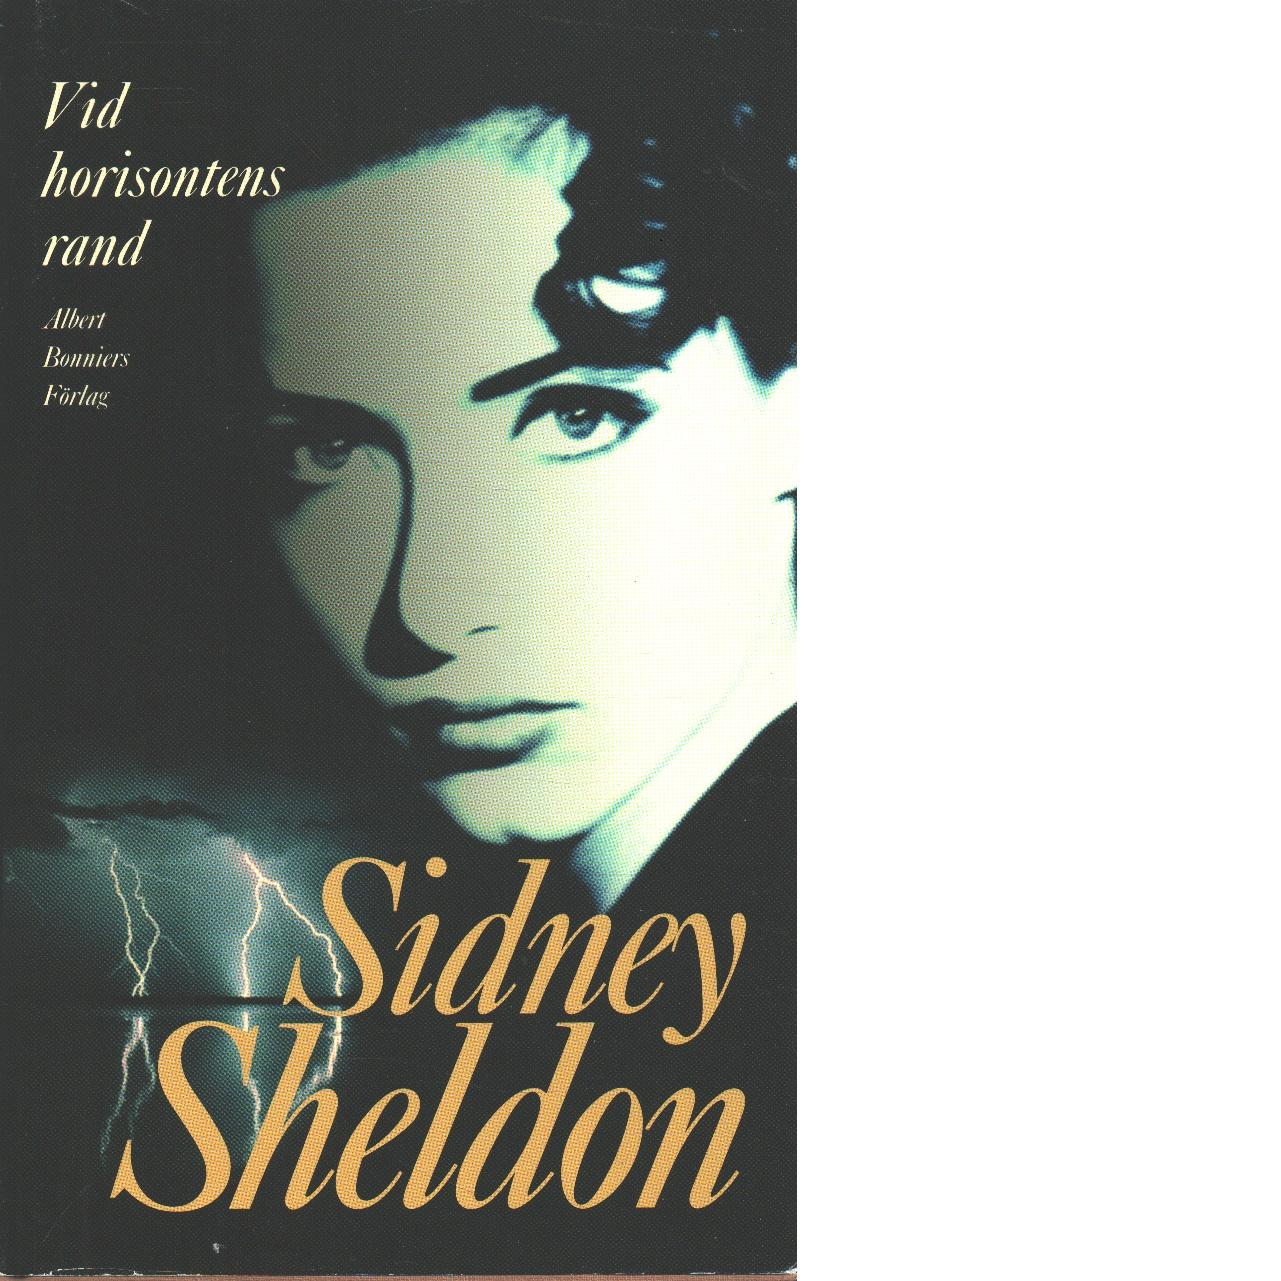 Vid horisontens rand - Sheldon, Sidney